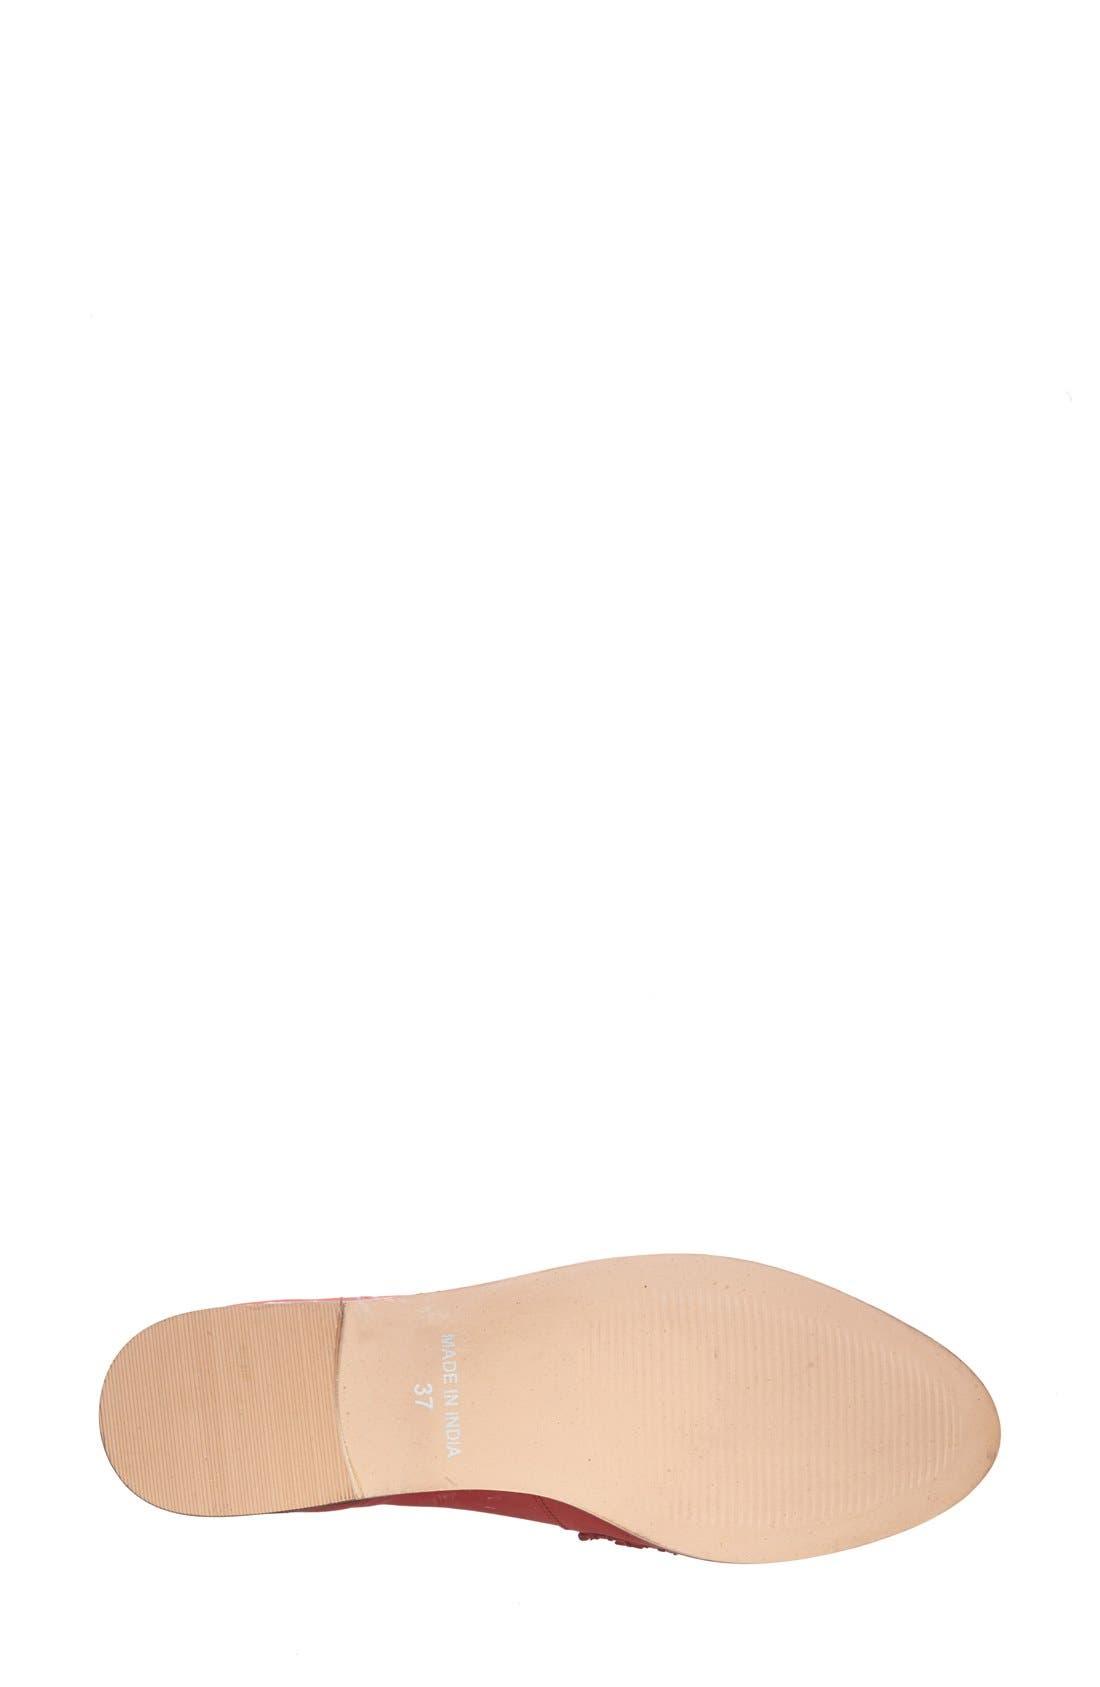 Alternate Image 4  - Topshop 'Kink' Fringed Leather Tassel Loafer (Women)